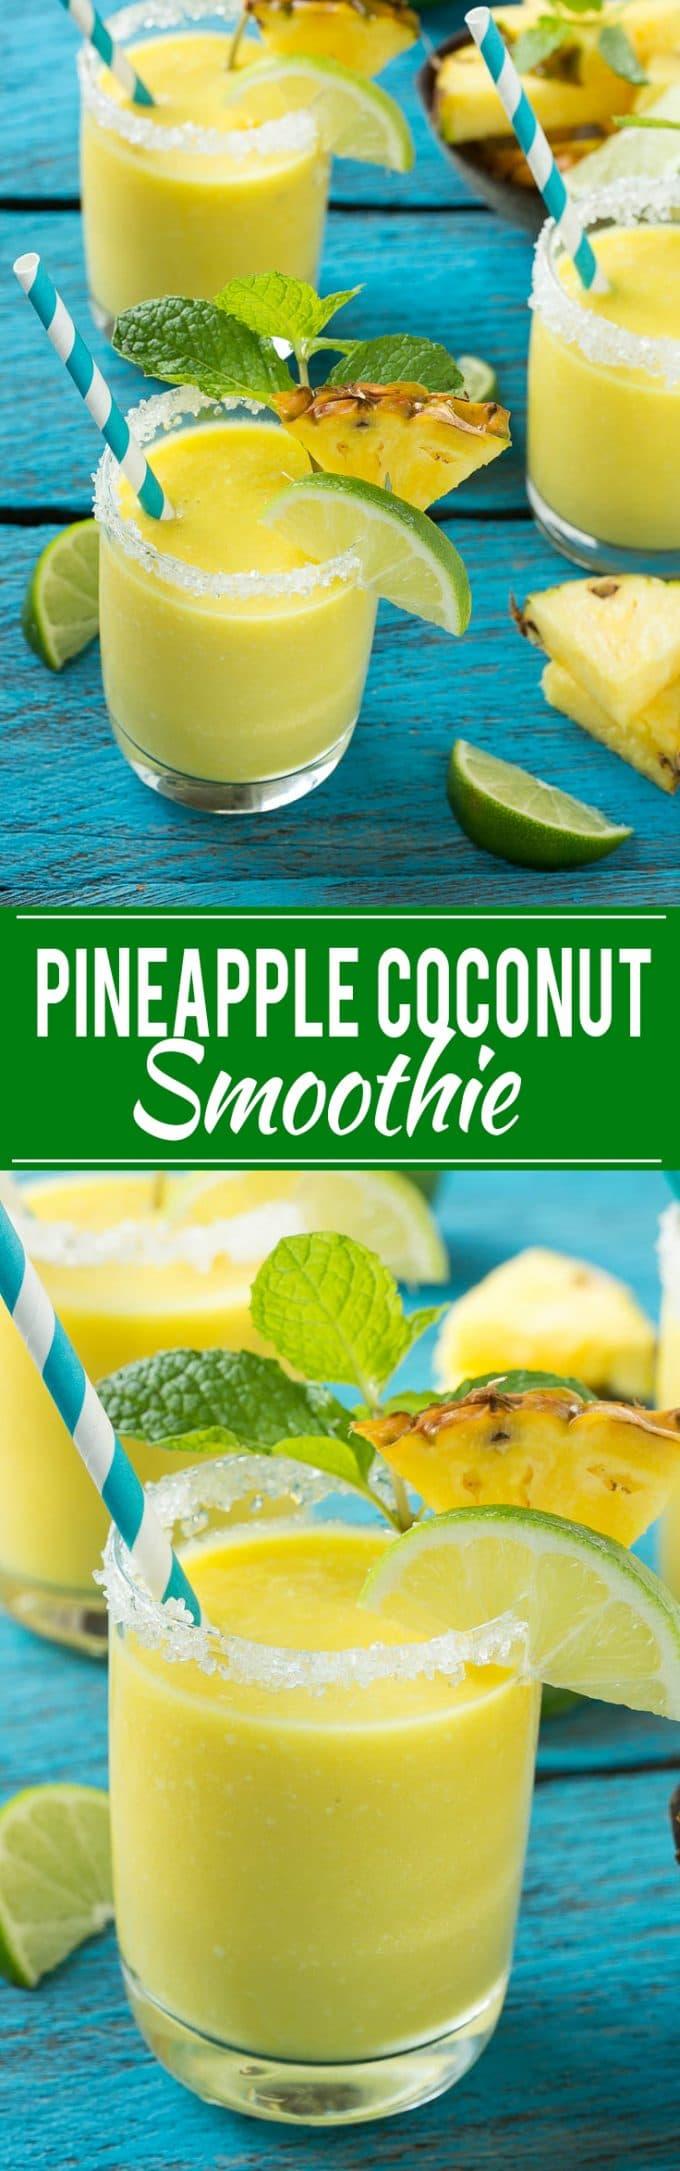 Receta de batido de piña y coco |  Batido tropical |  Batido de piña # batido # piña # coco # saludable # limpieza #dinneratthezoo